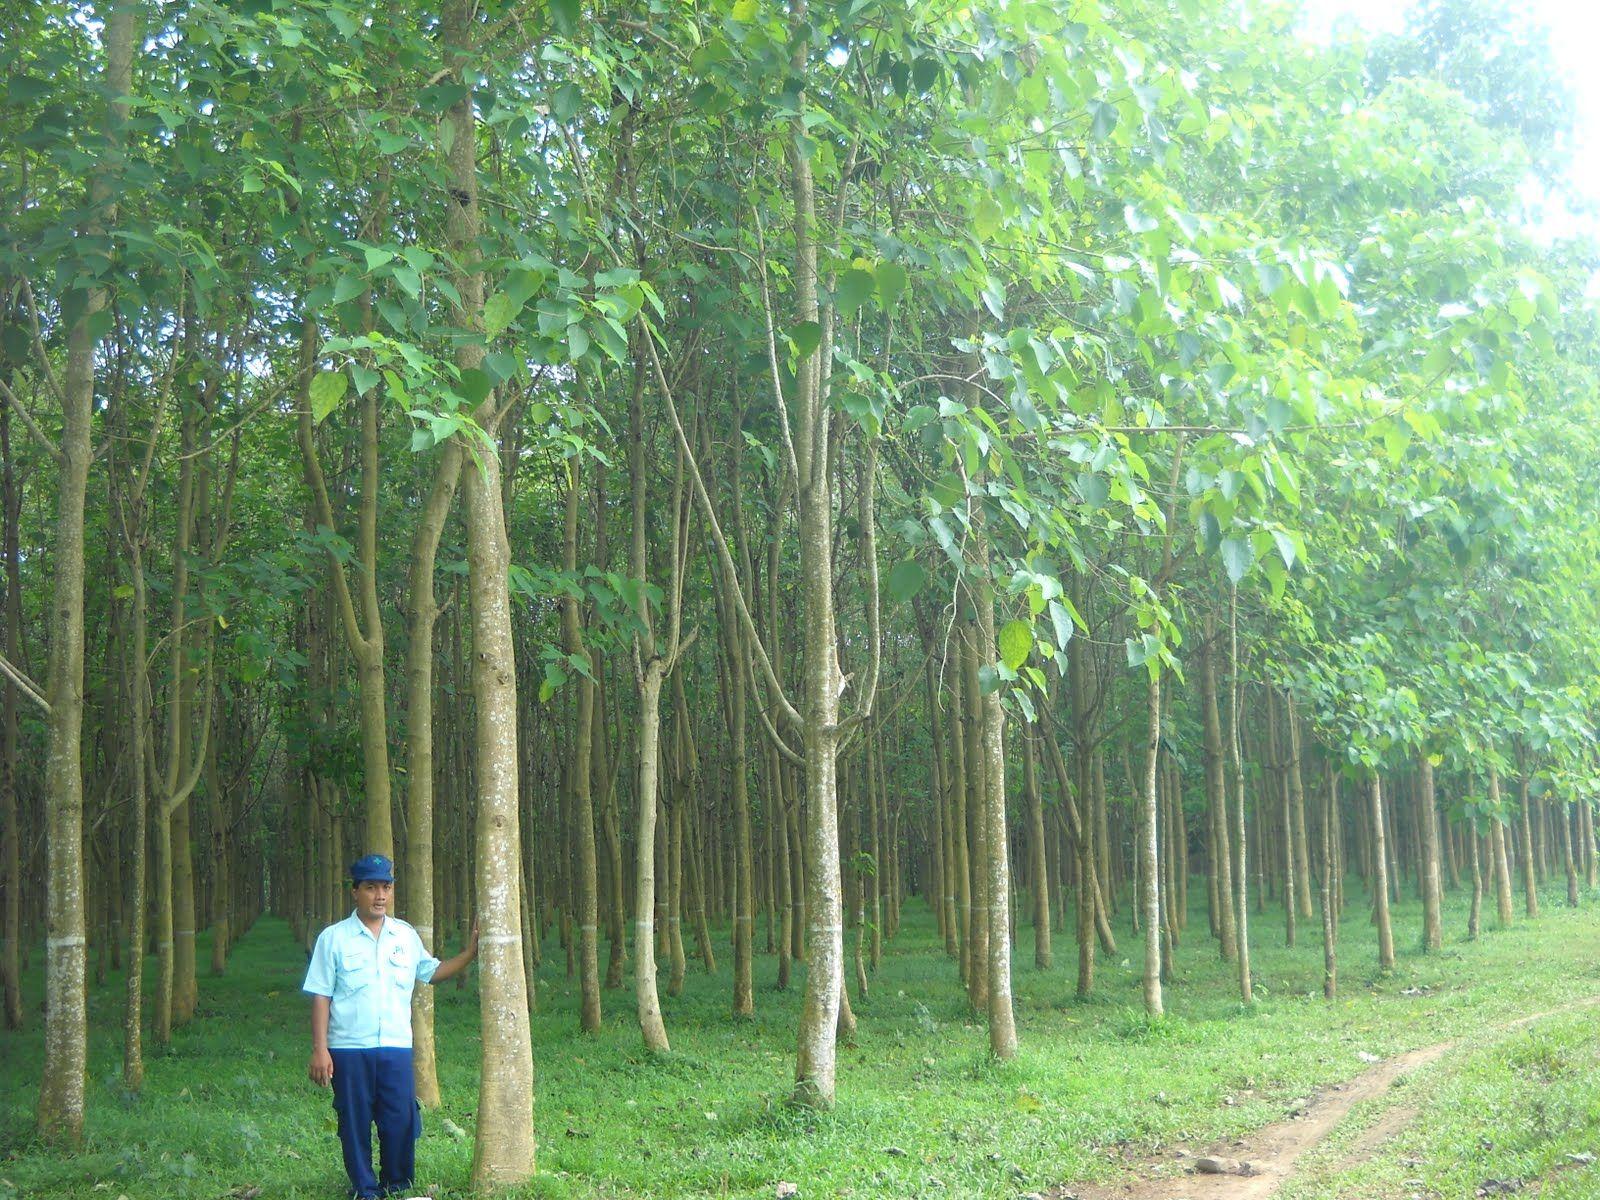 Gambar Pohon Jati Cara Golden Gambar pohon jati belanda